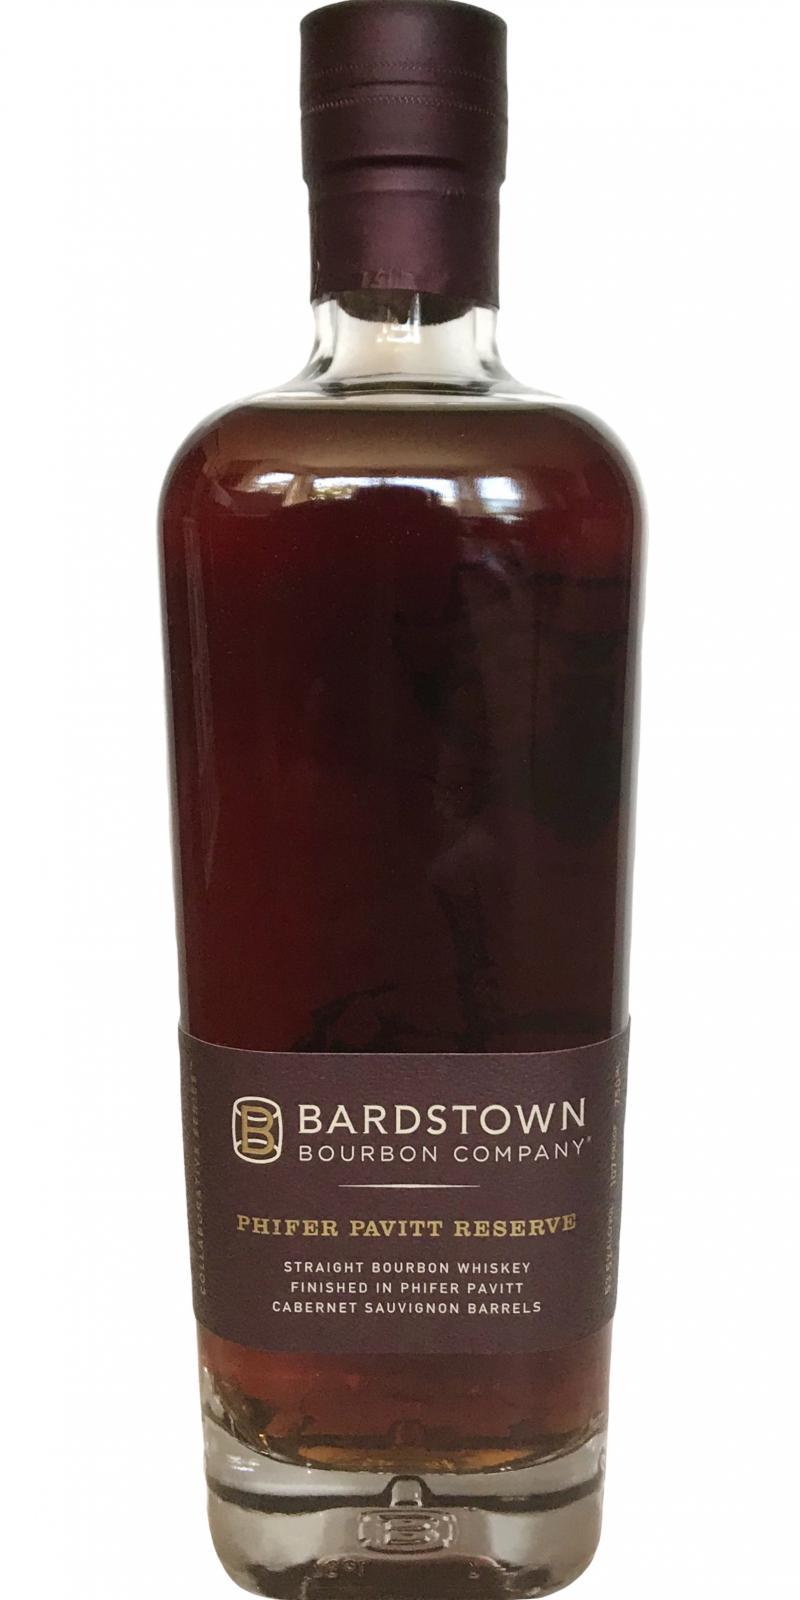 Bardstown Bourbon Company Phifer Pavitt Reserve